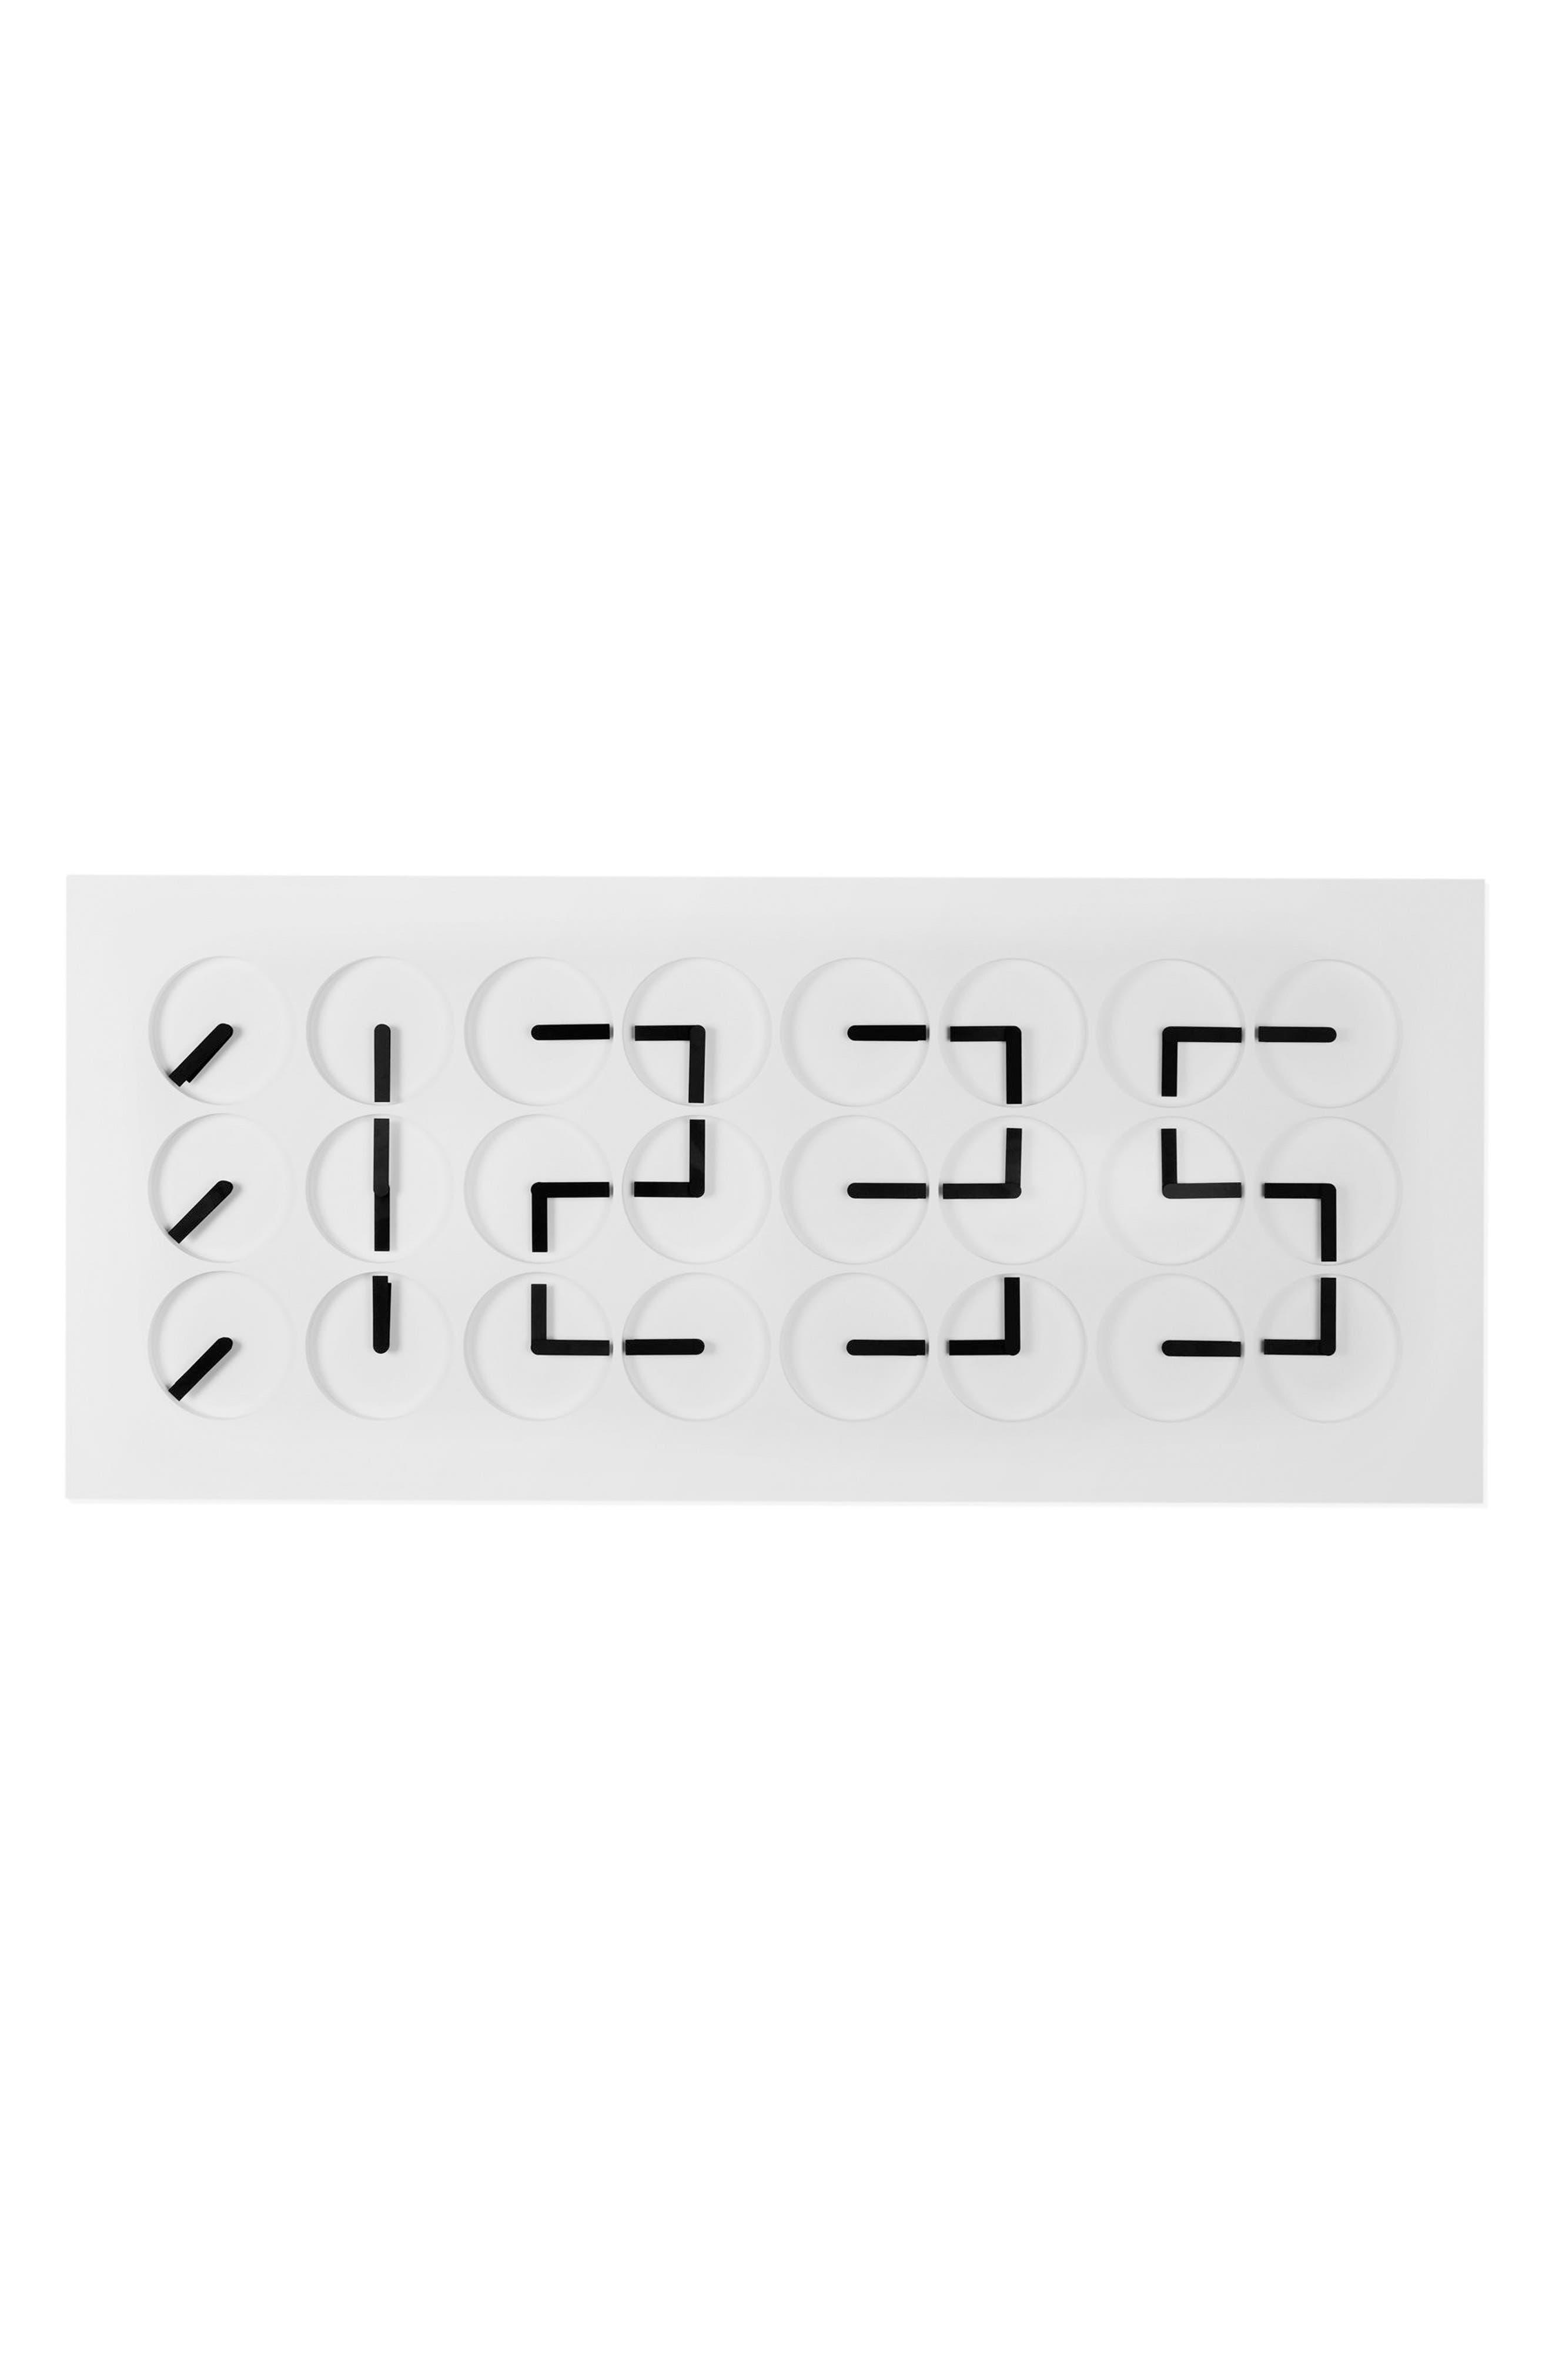 Alternate Image 1 Selected - MoMA Design Store ClockClock 24 Digital Clock